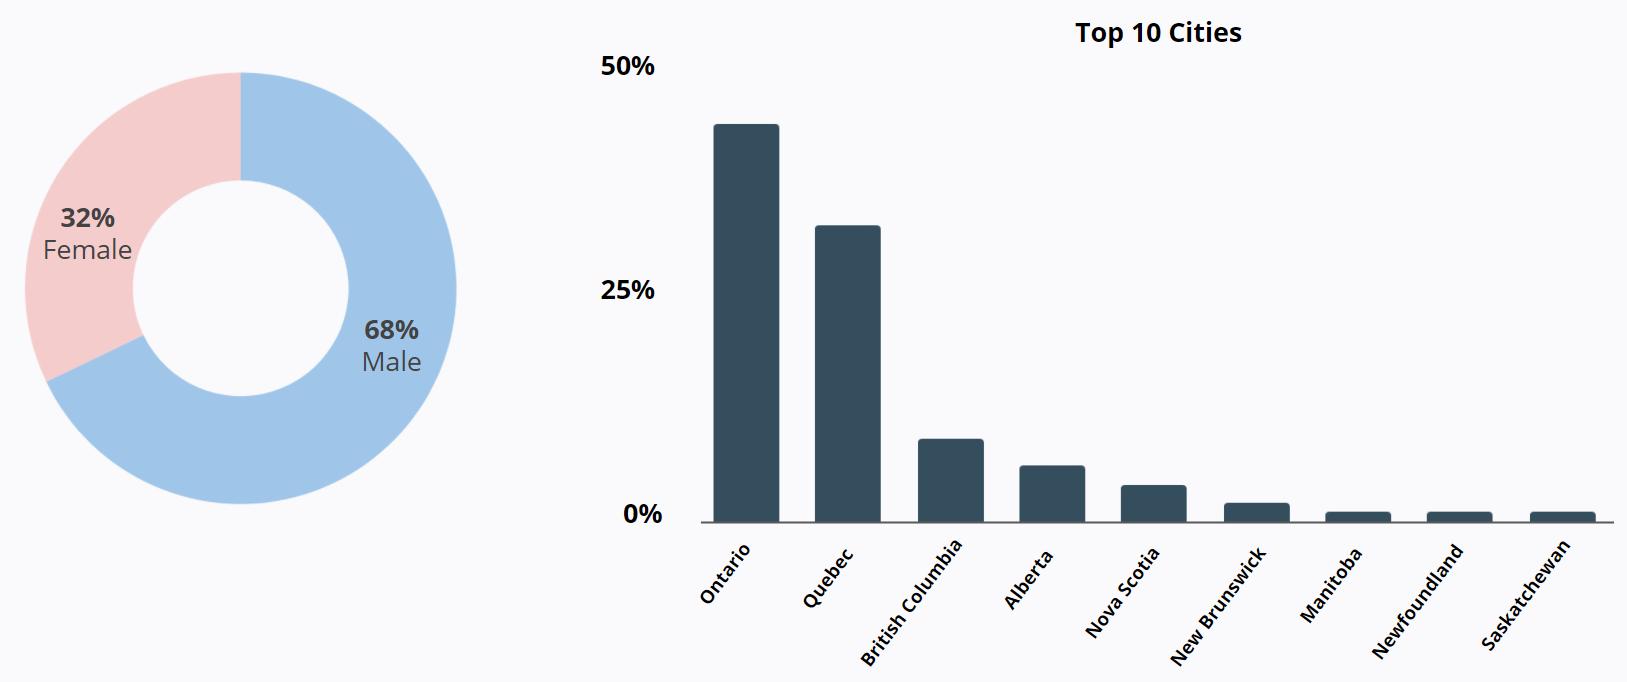 Hyundai - Facebook - Top 10 Cities - Demographics